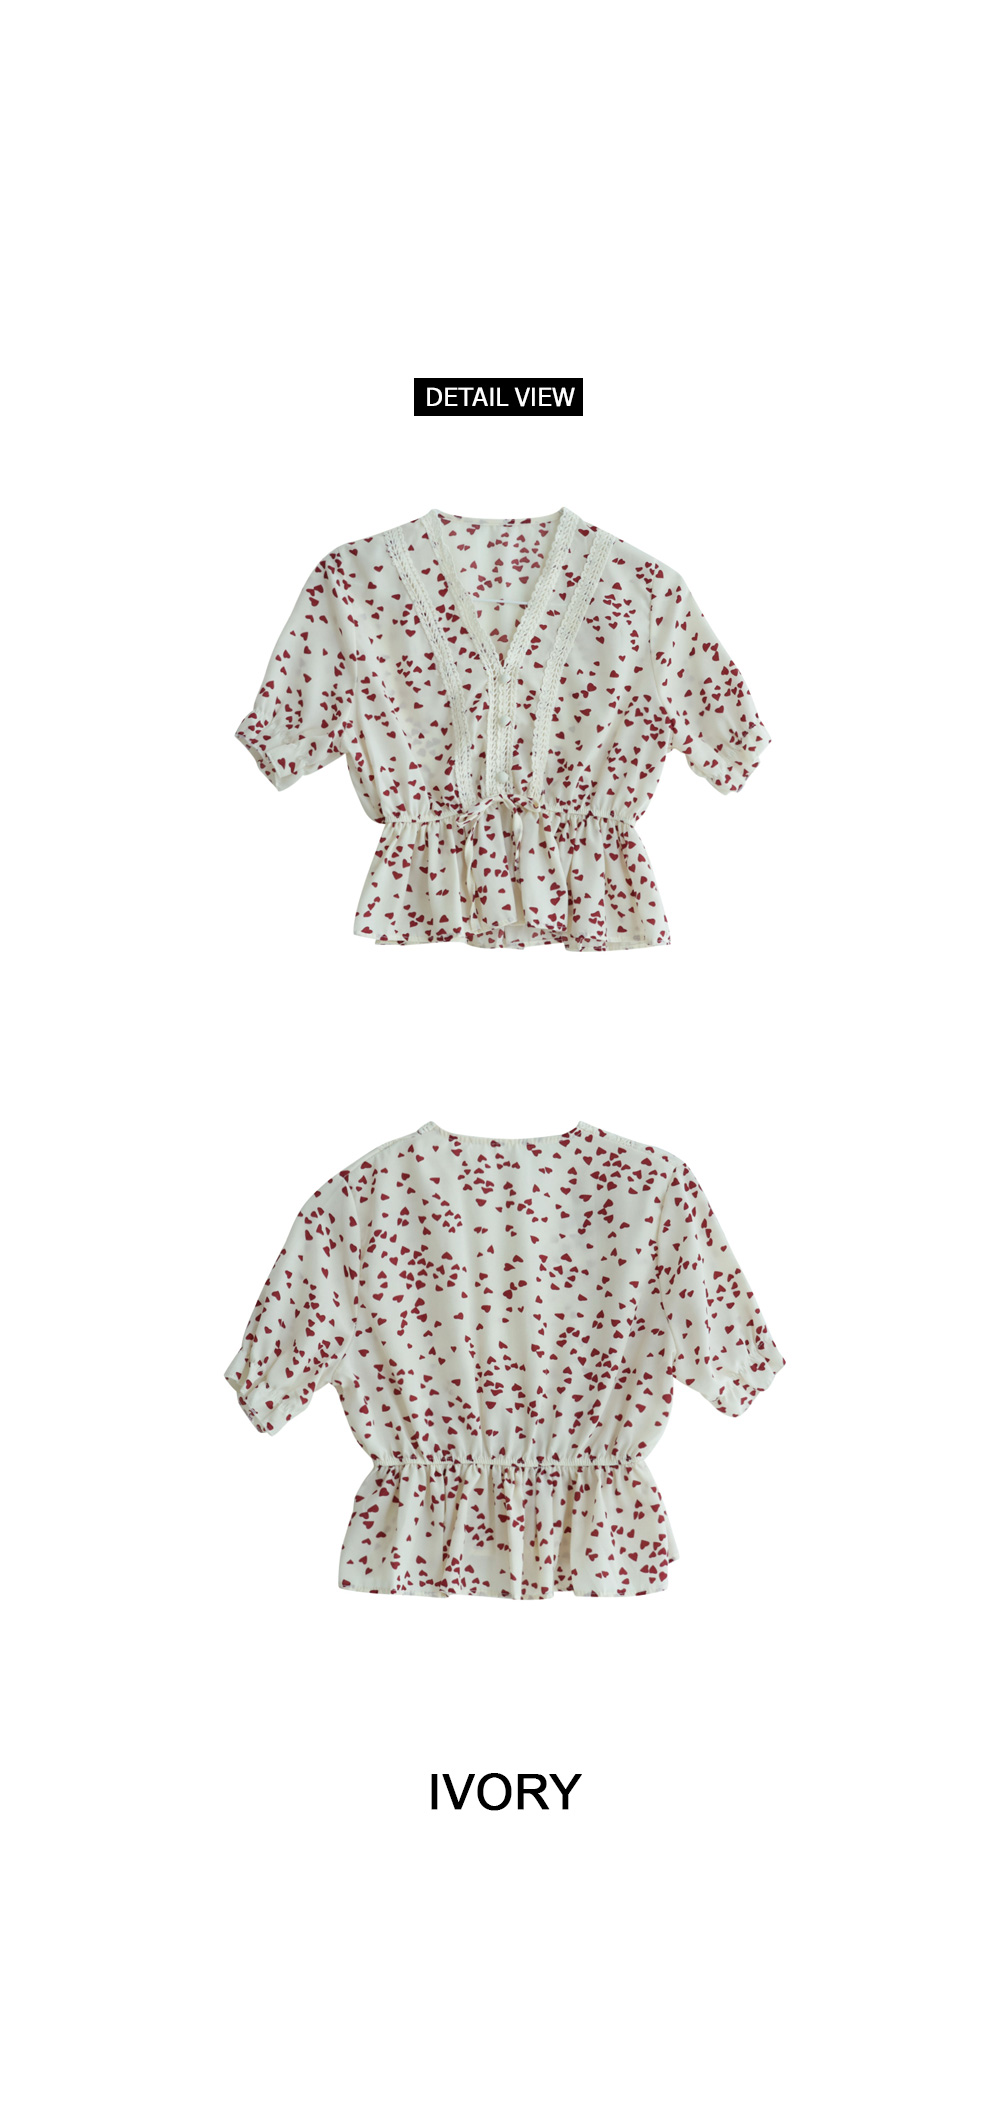 Point lace blouse